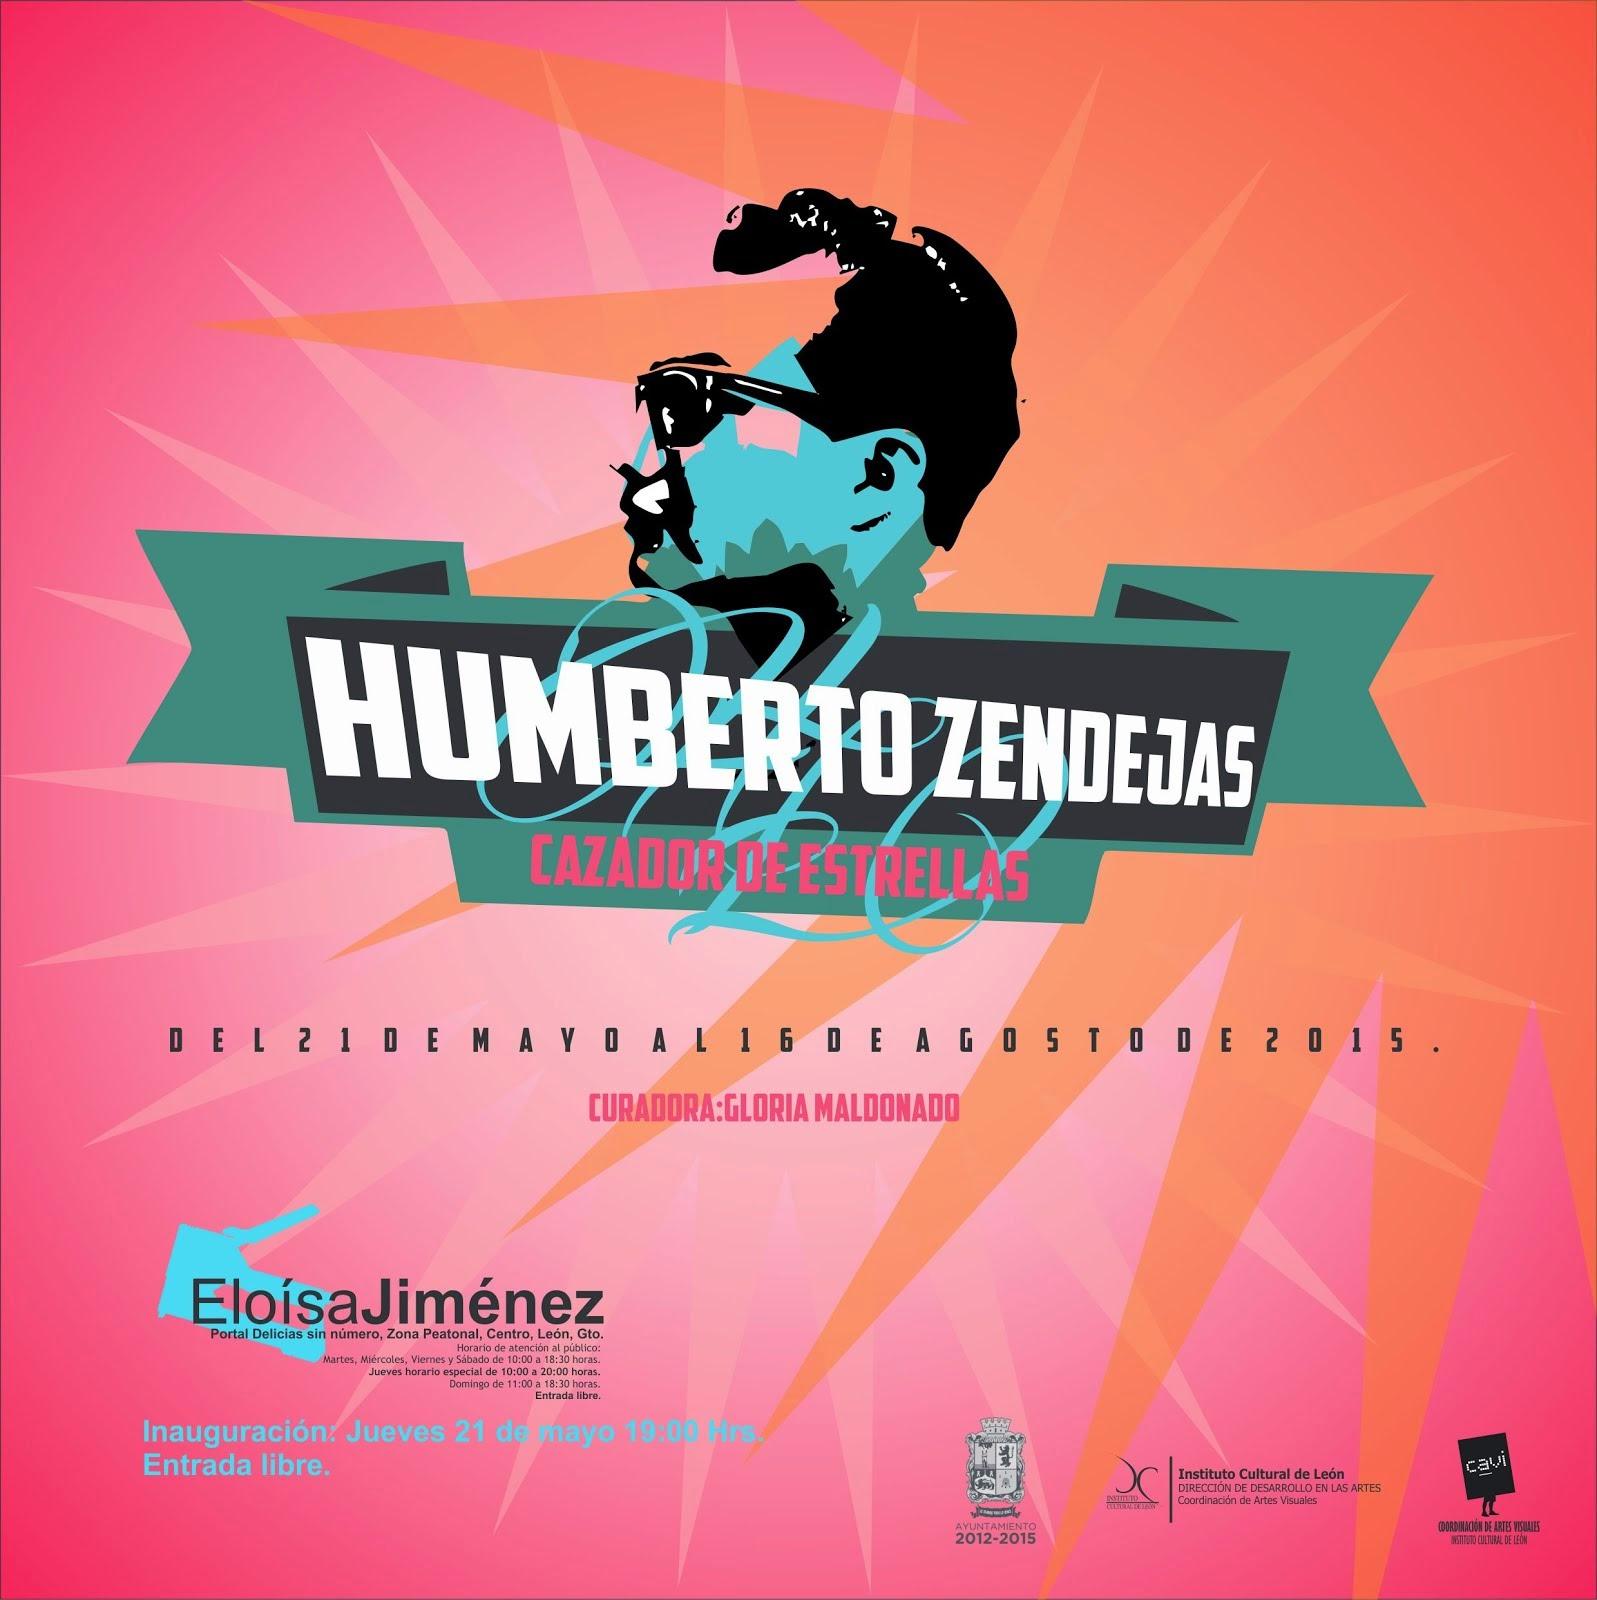 Humberto Zendejas. Cazador de Estrellas.